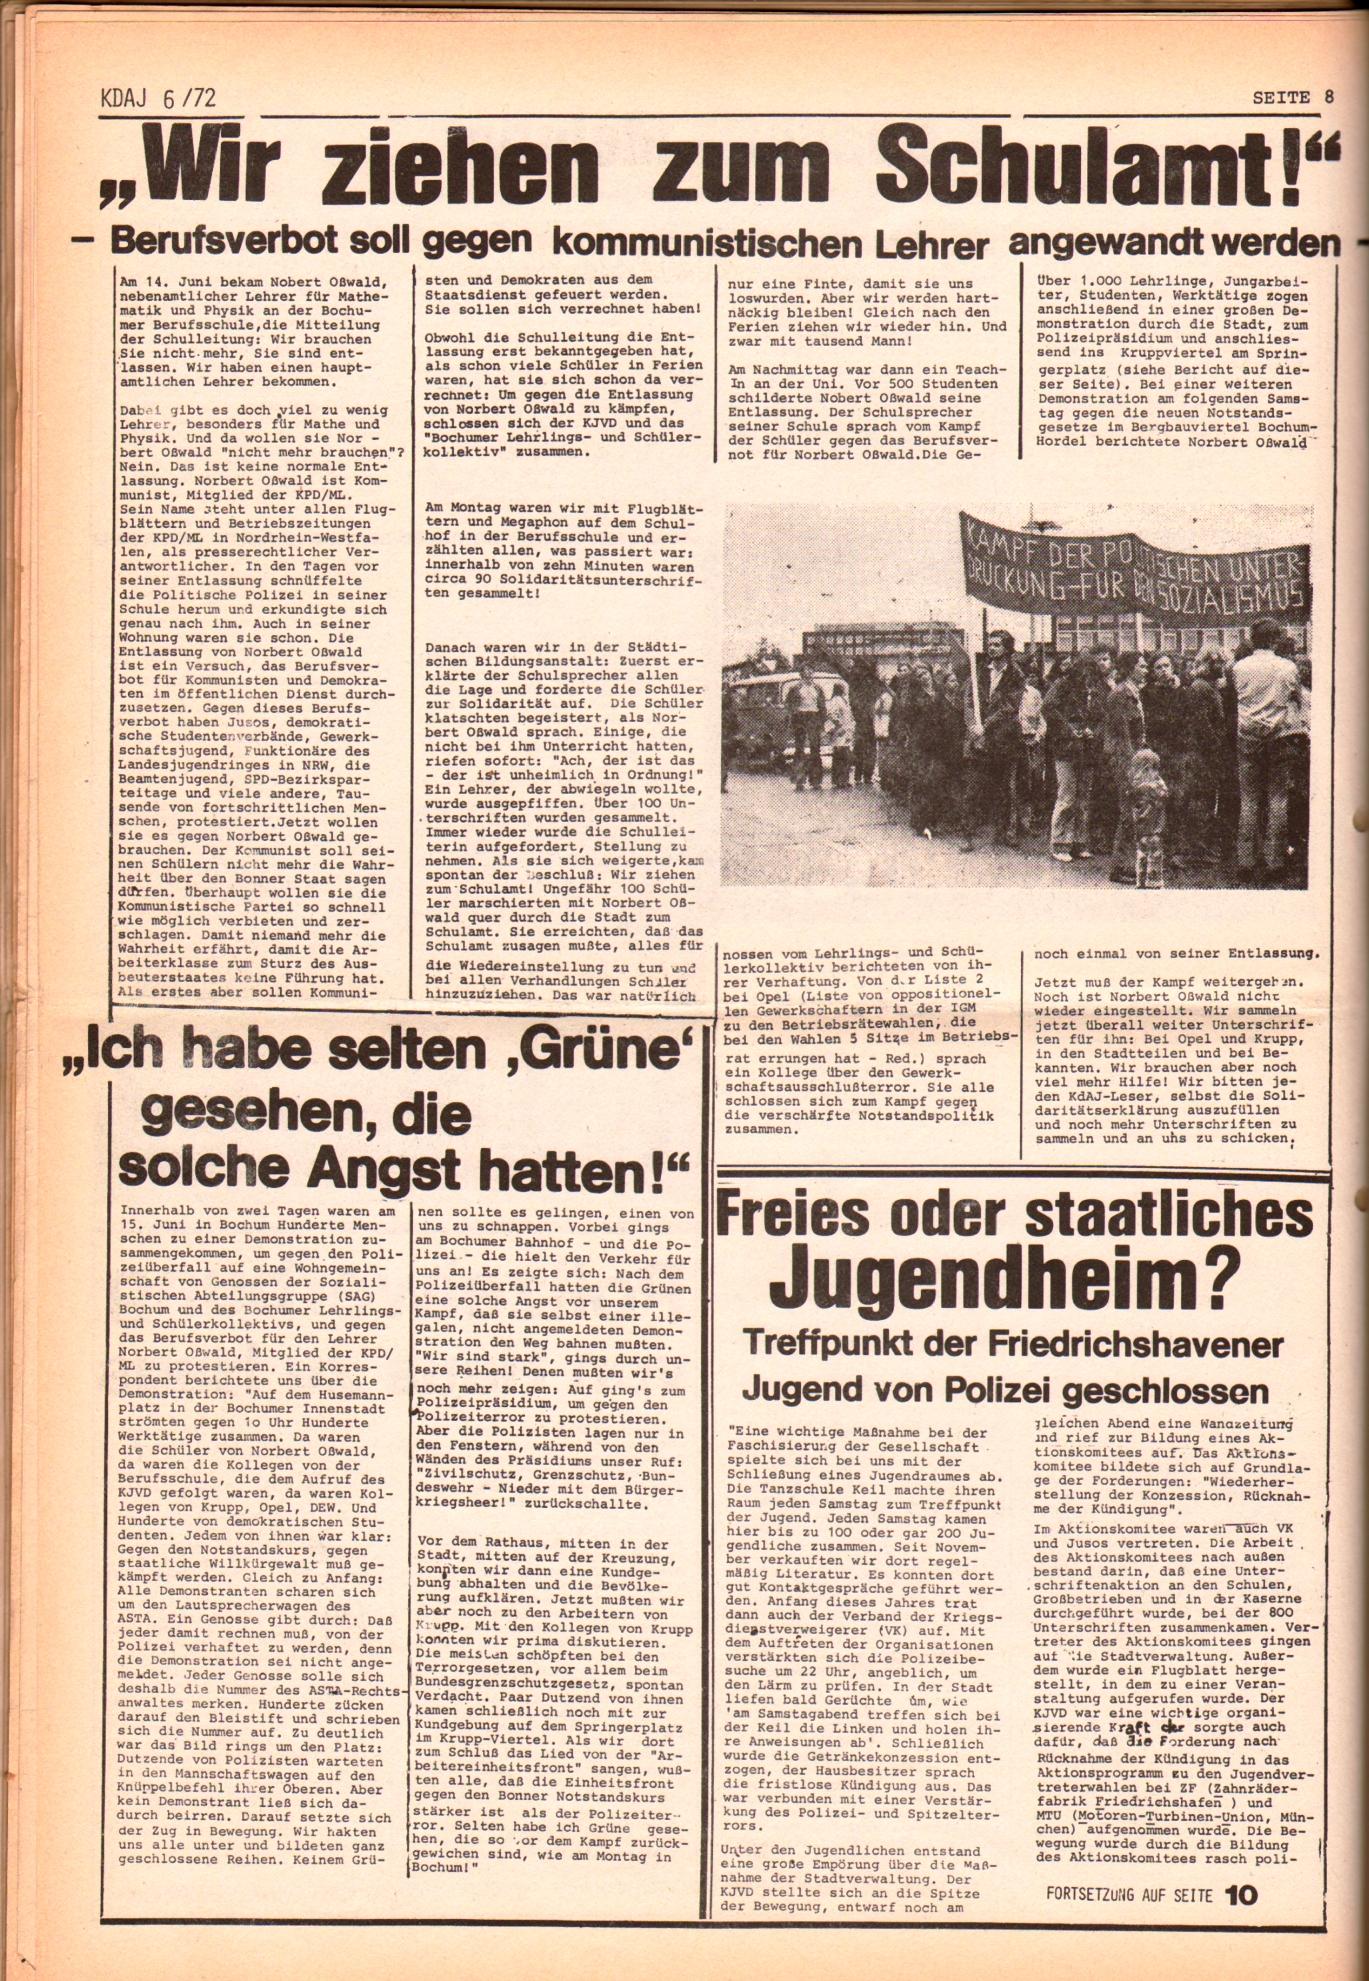 KDAJ, 3. Jg., Juli 1972, Nr. 6, Seite 8